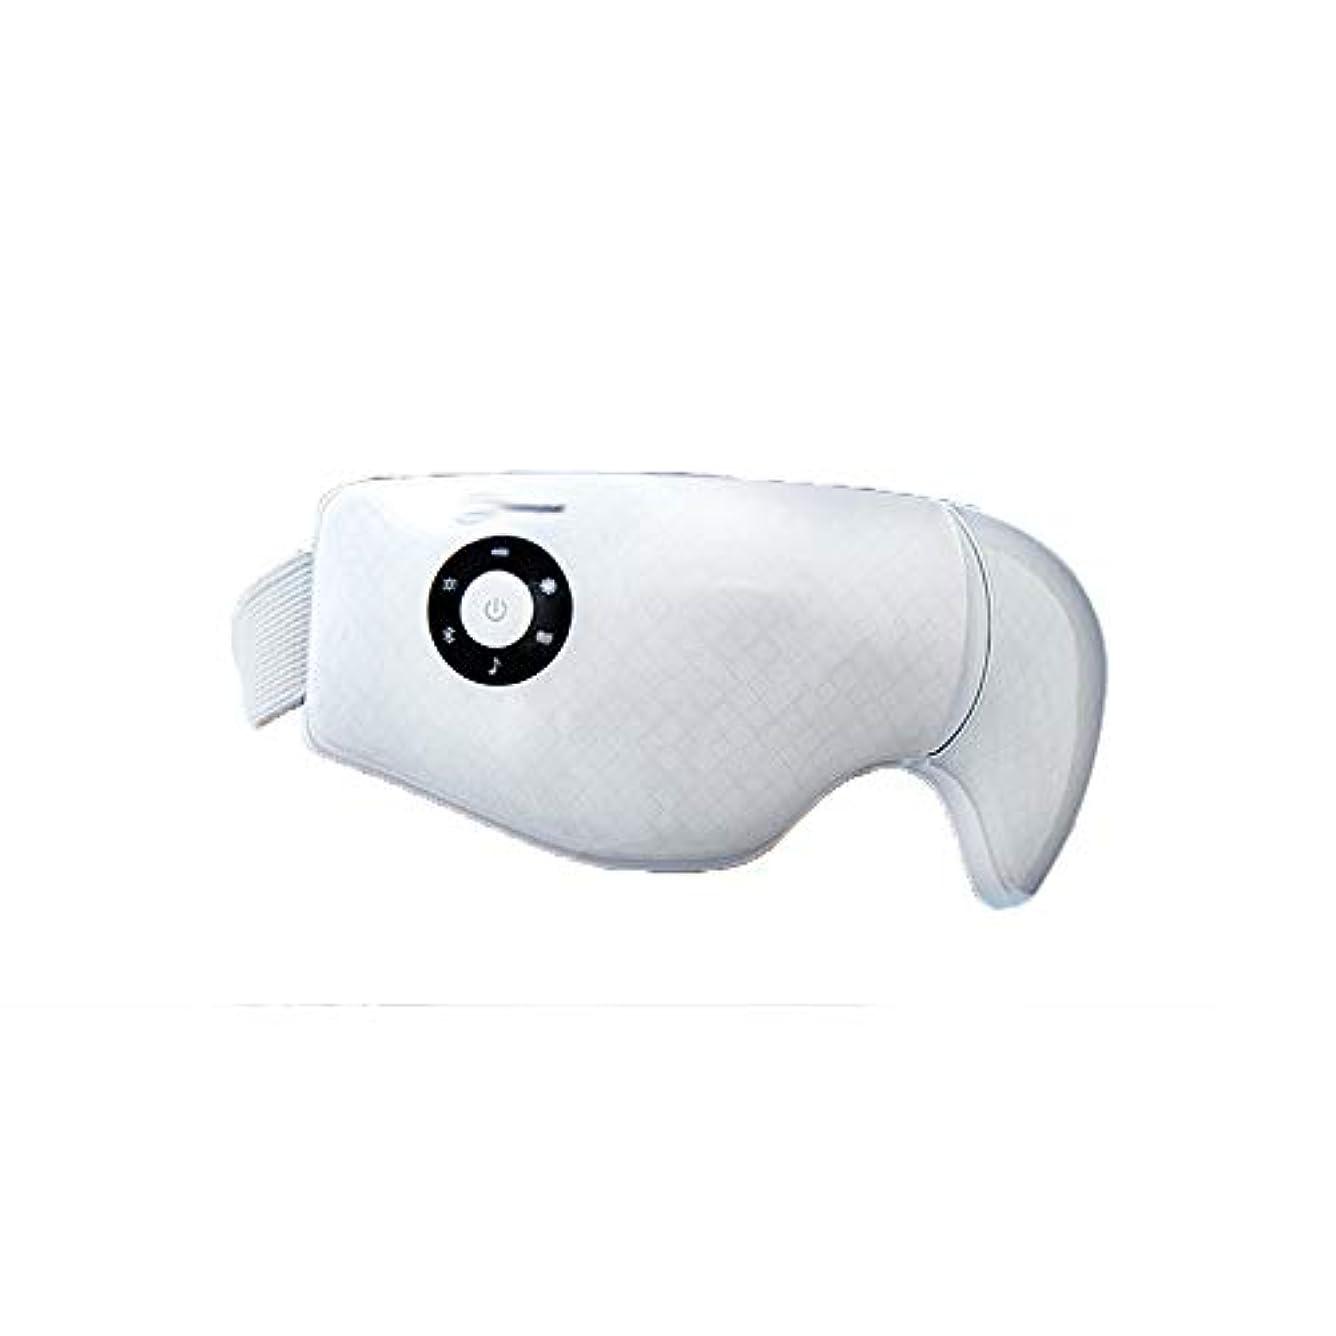 抵抗買う一部マッサージャー - マッサージャーは、黒丸を回復するために近視をホット圧縮します (Color : White)